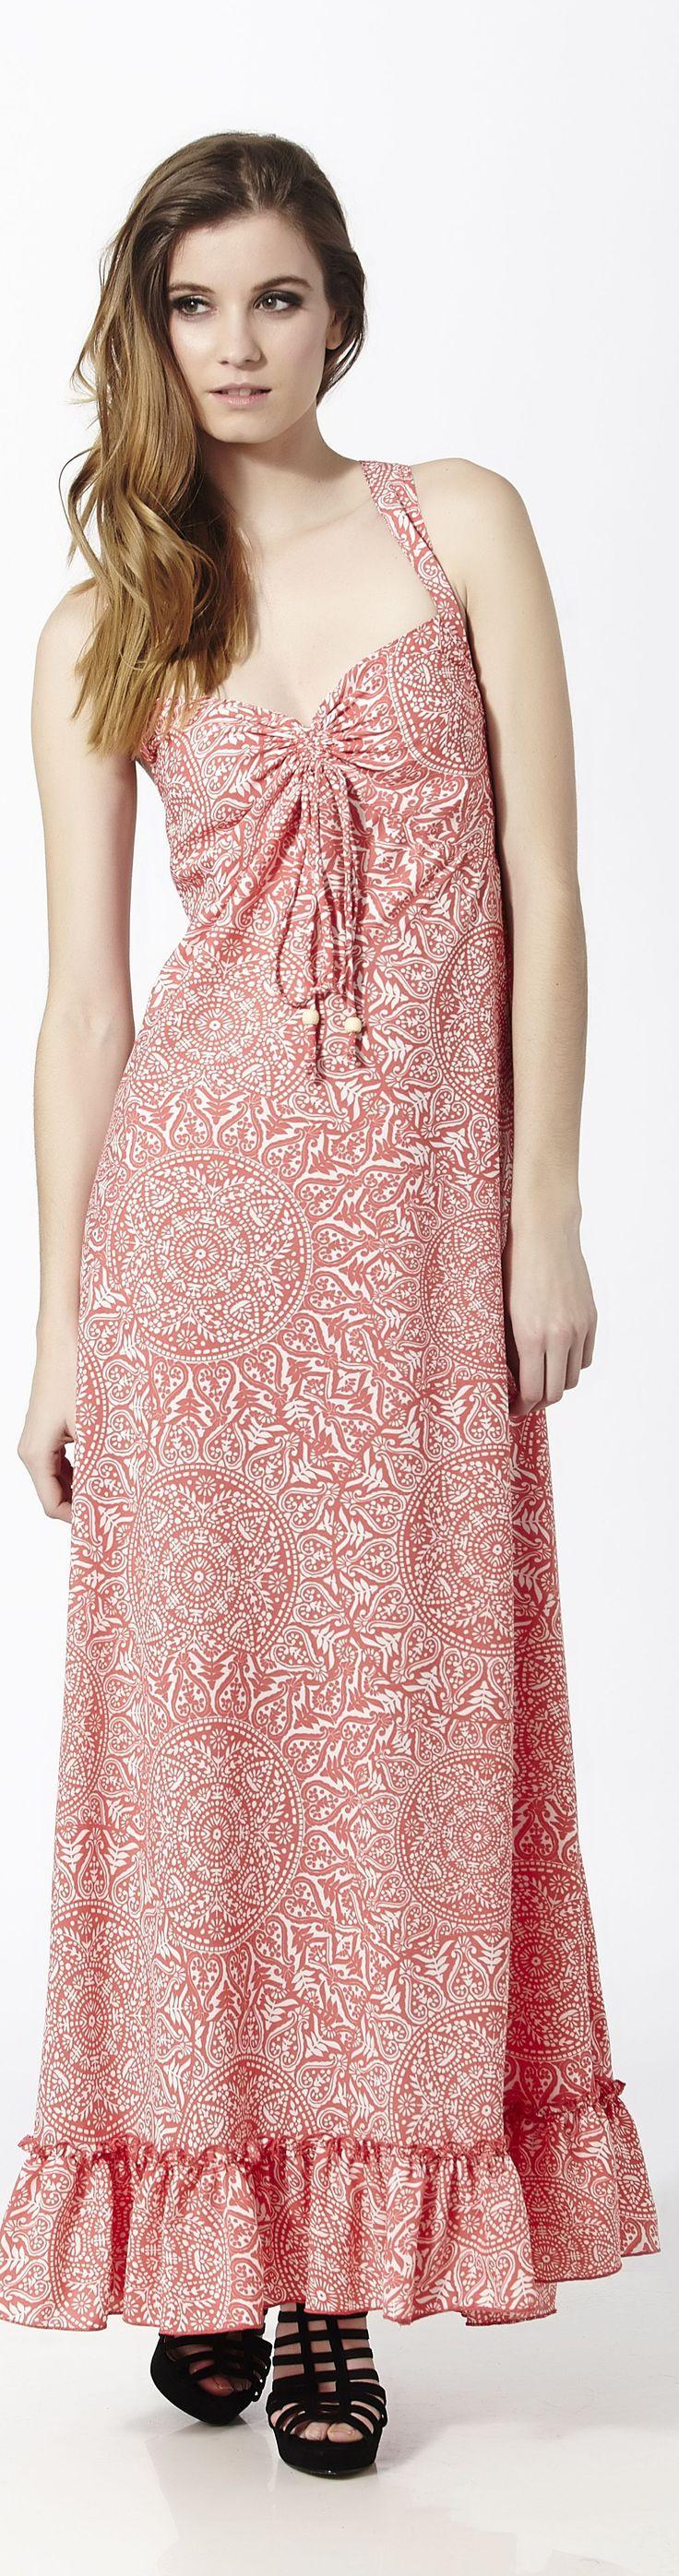 Vestido largo de tirantes con espalda semiabierta en rosa